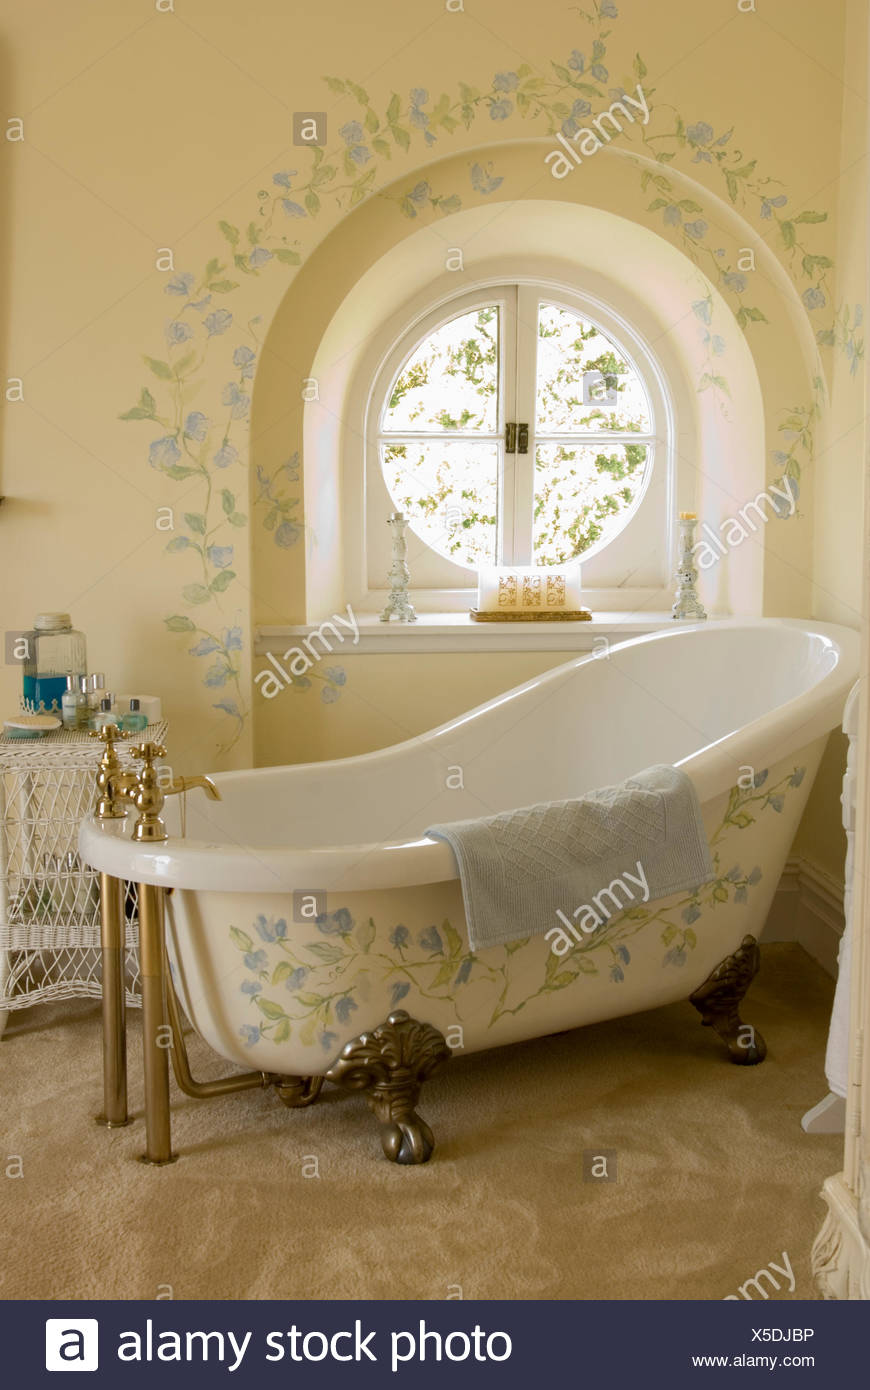 Gut Creme Bad Mit Floraler Bemalung Auf Rolltop Bad Vor Kreisrundes Fenster Mit  Passenden Dekoration An Wand